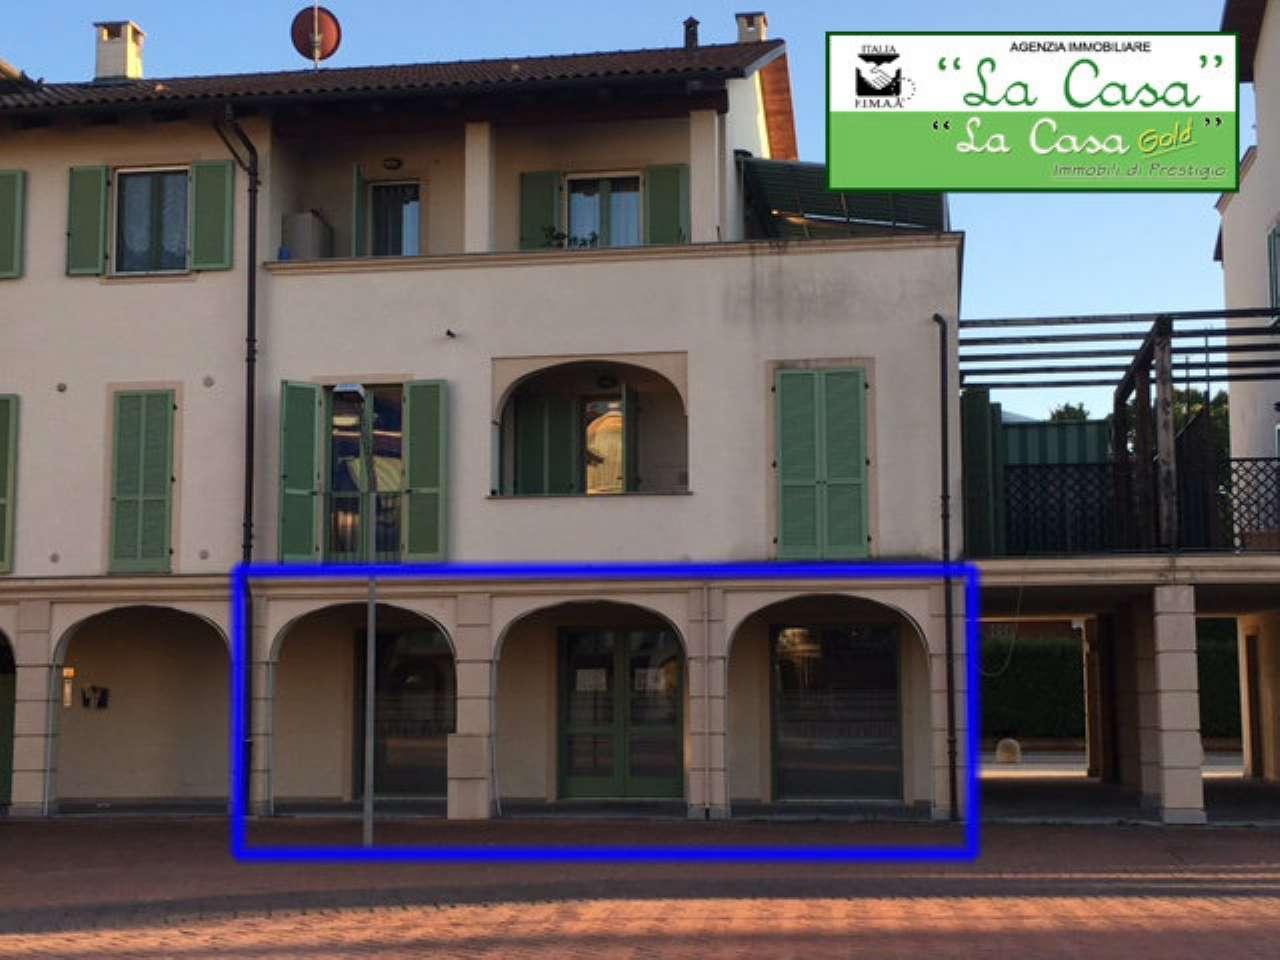 Negozio / Locale in vendita a Villanova d'Asti, 2 locali, prezzo € 120.000 | CambioCasa.it